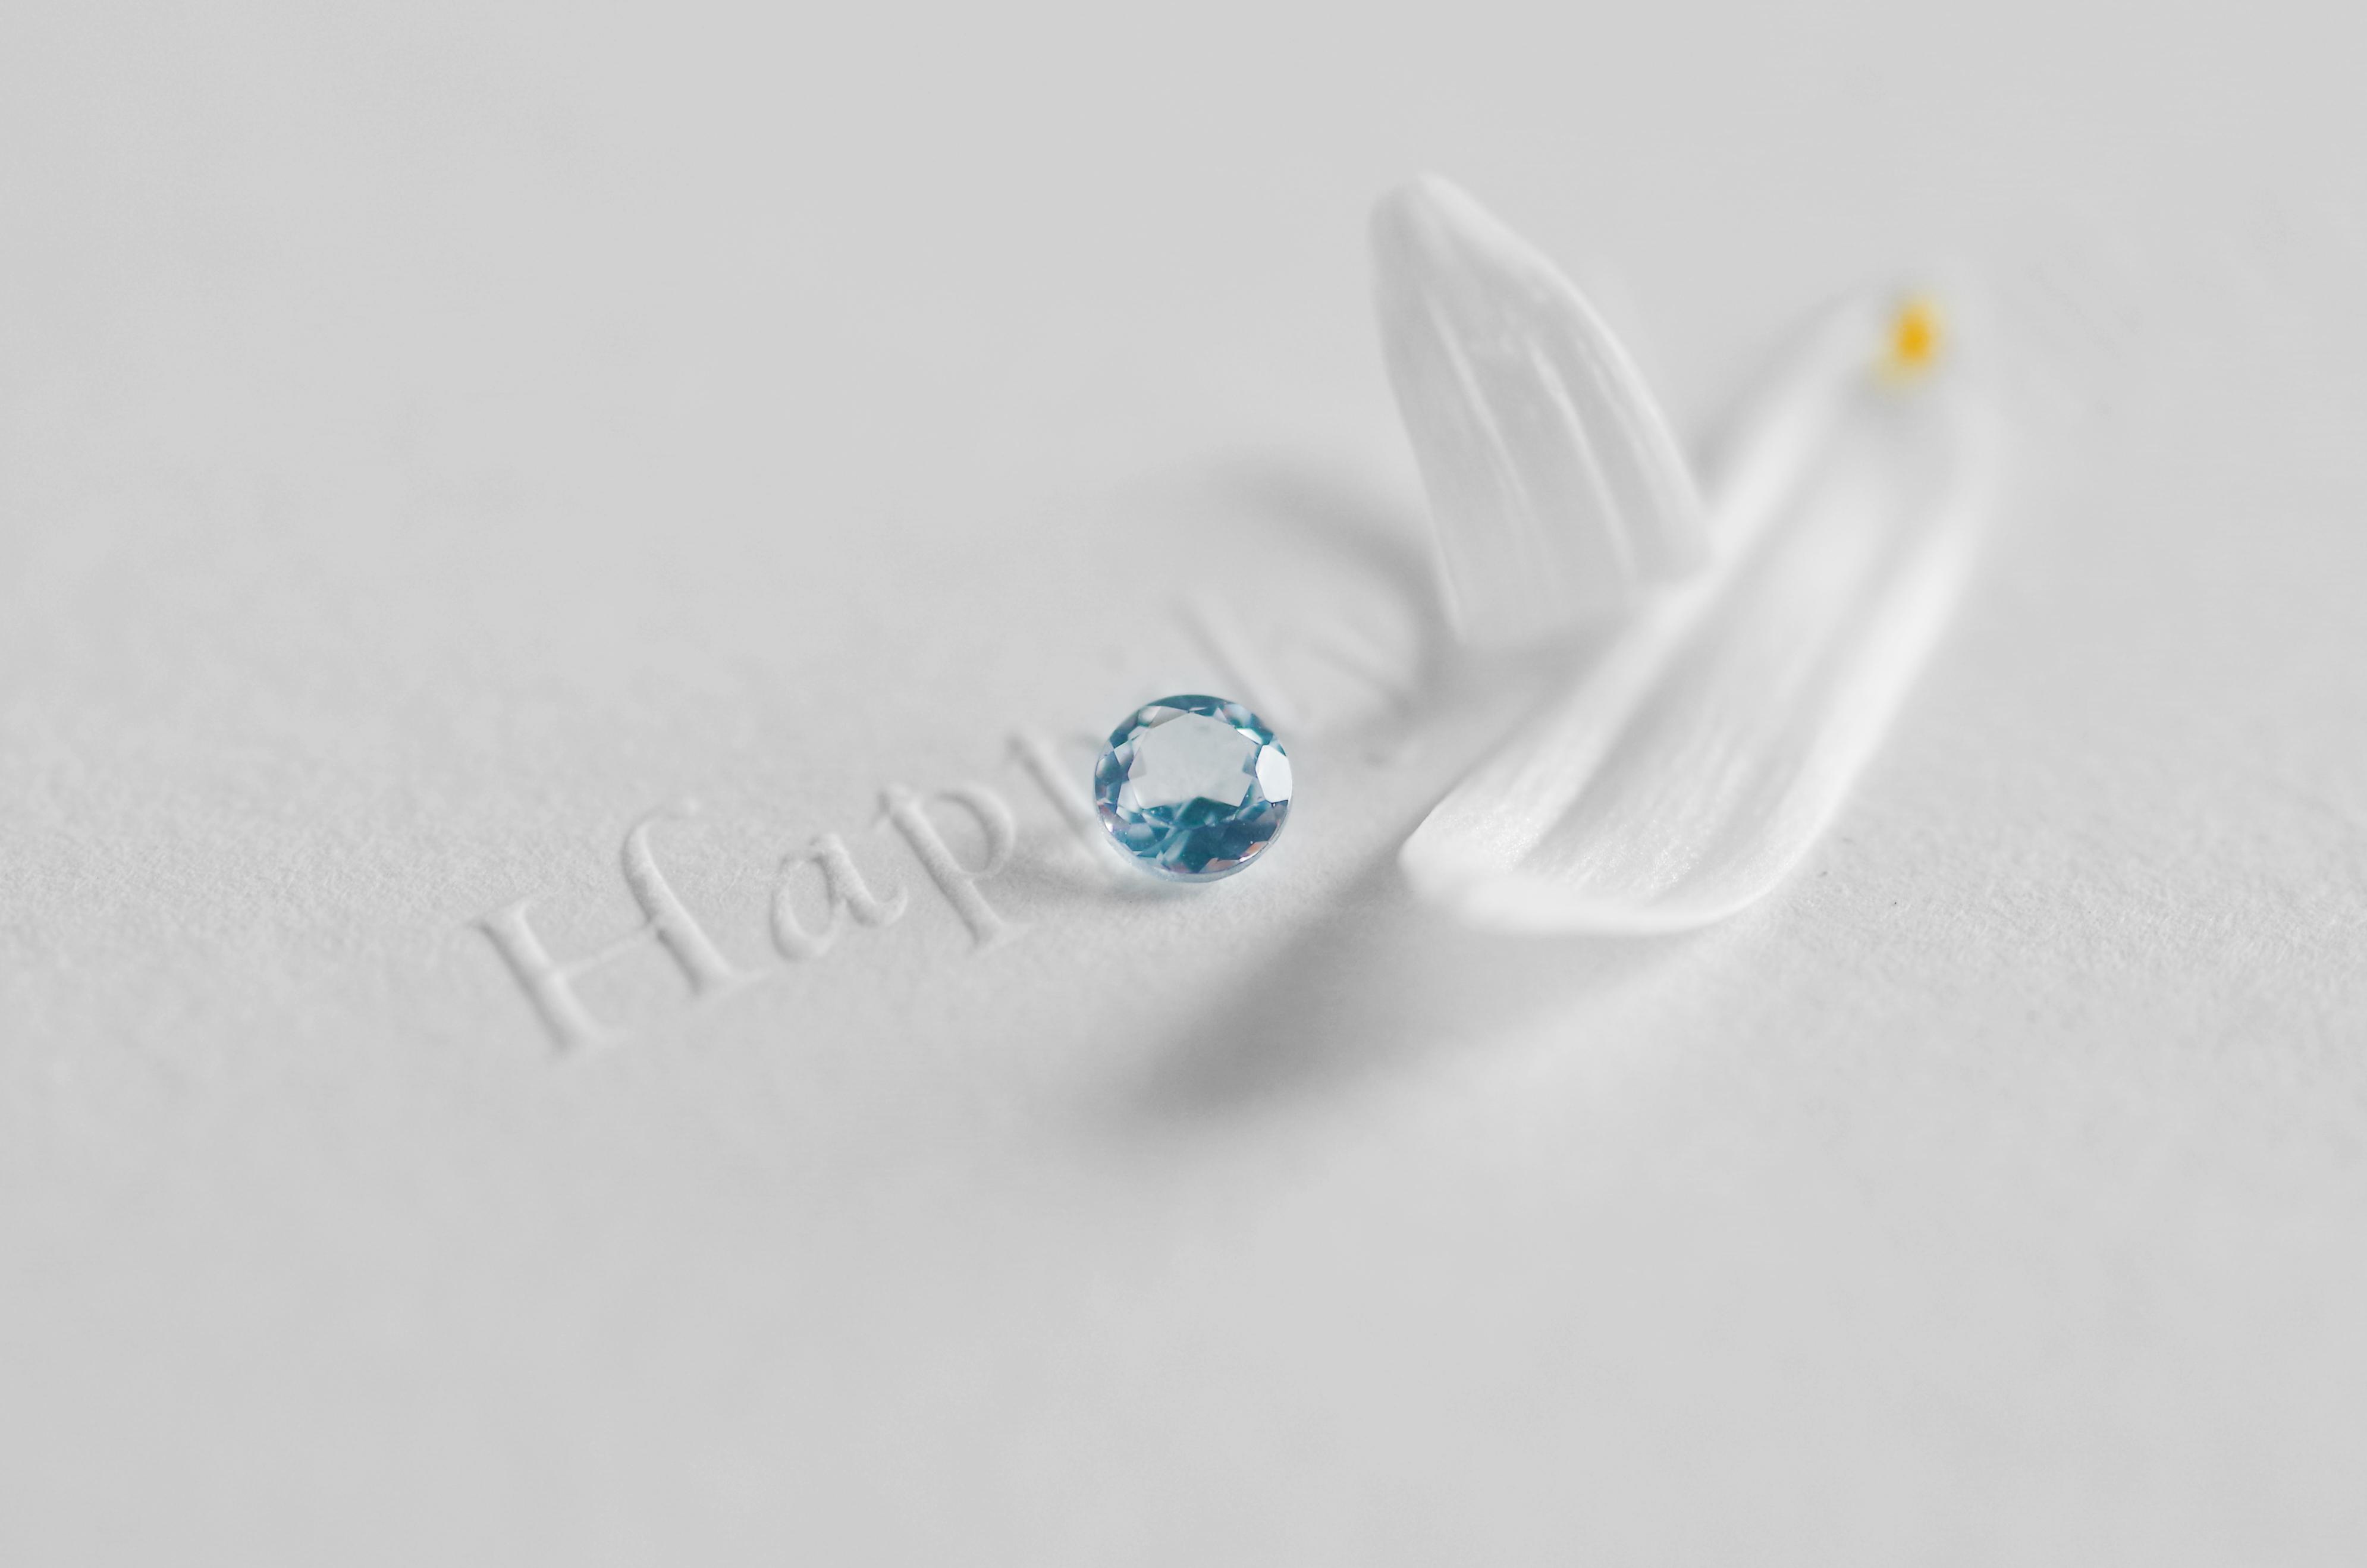 アクアマリンの裸石と白い花びら